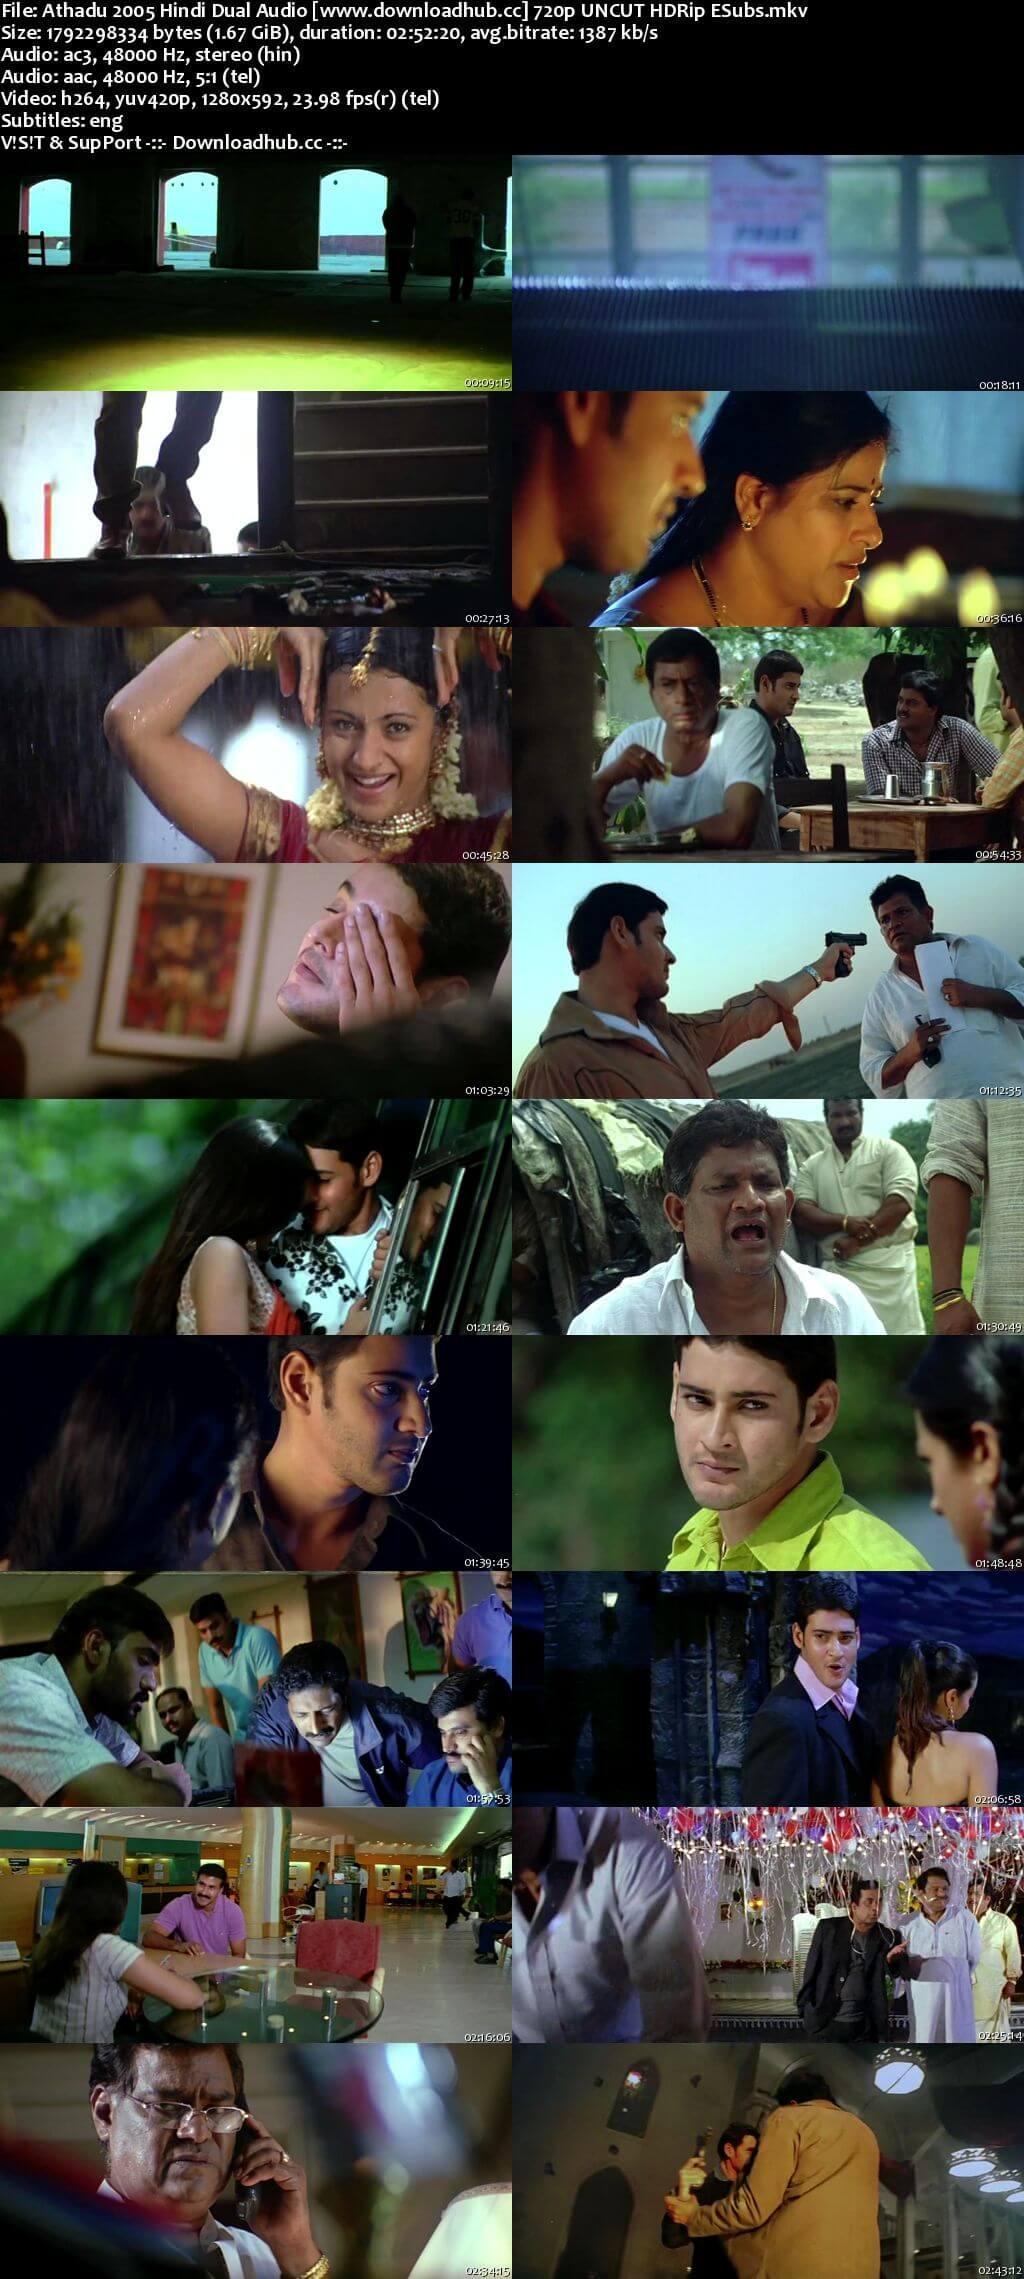 Athadu 2005 Hindi Dual Audio 720p UNCUT HDRip ESubs